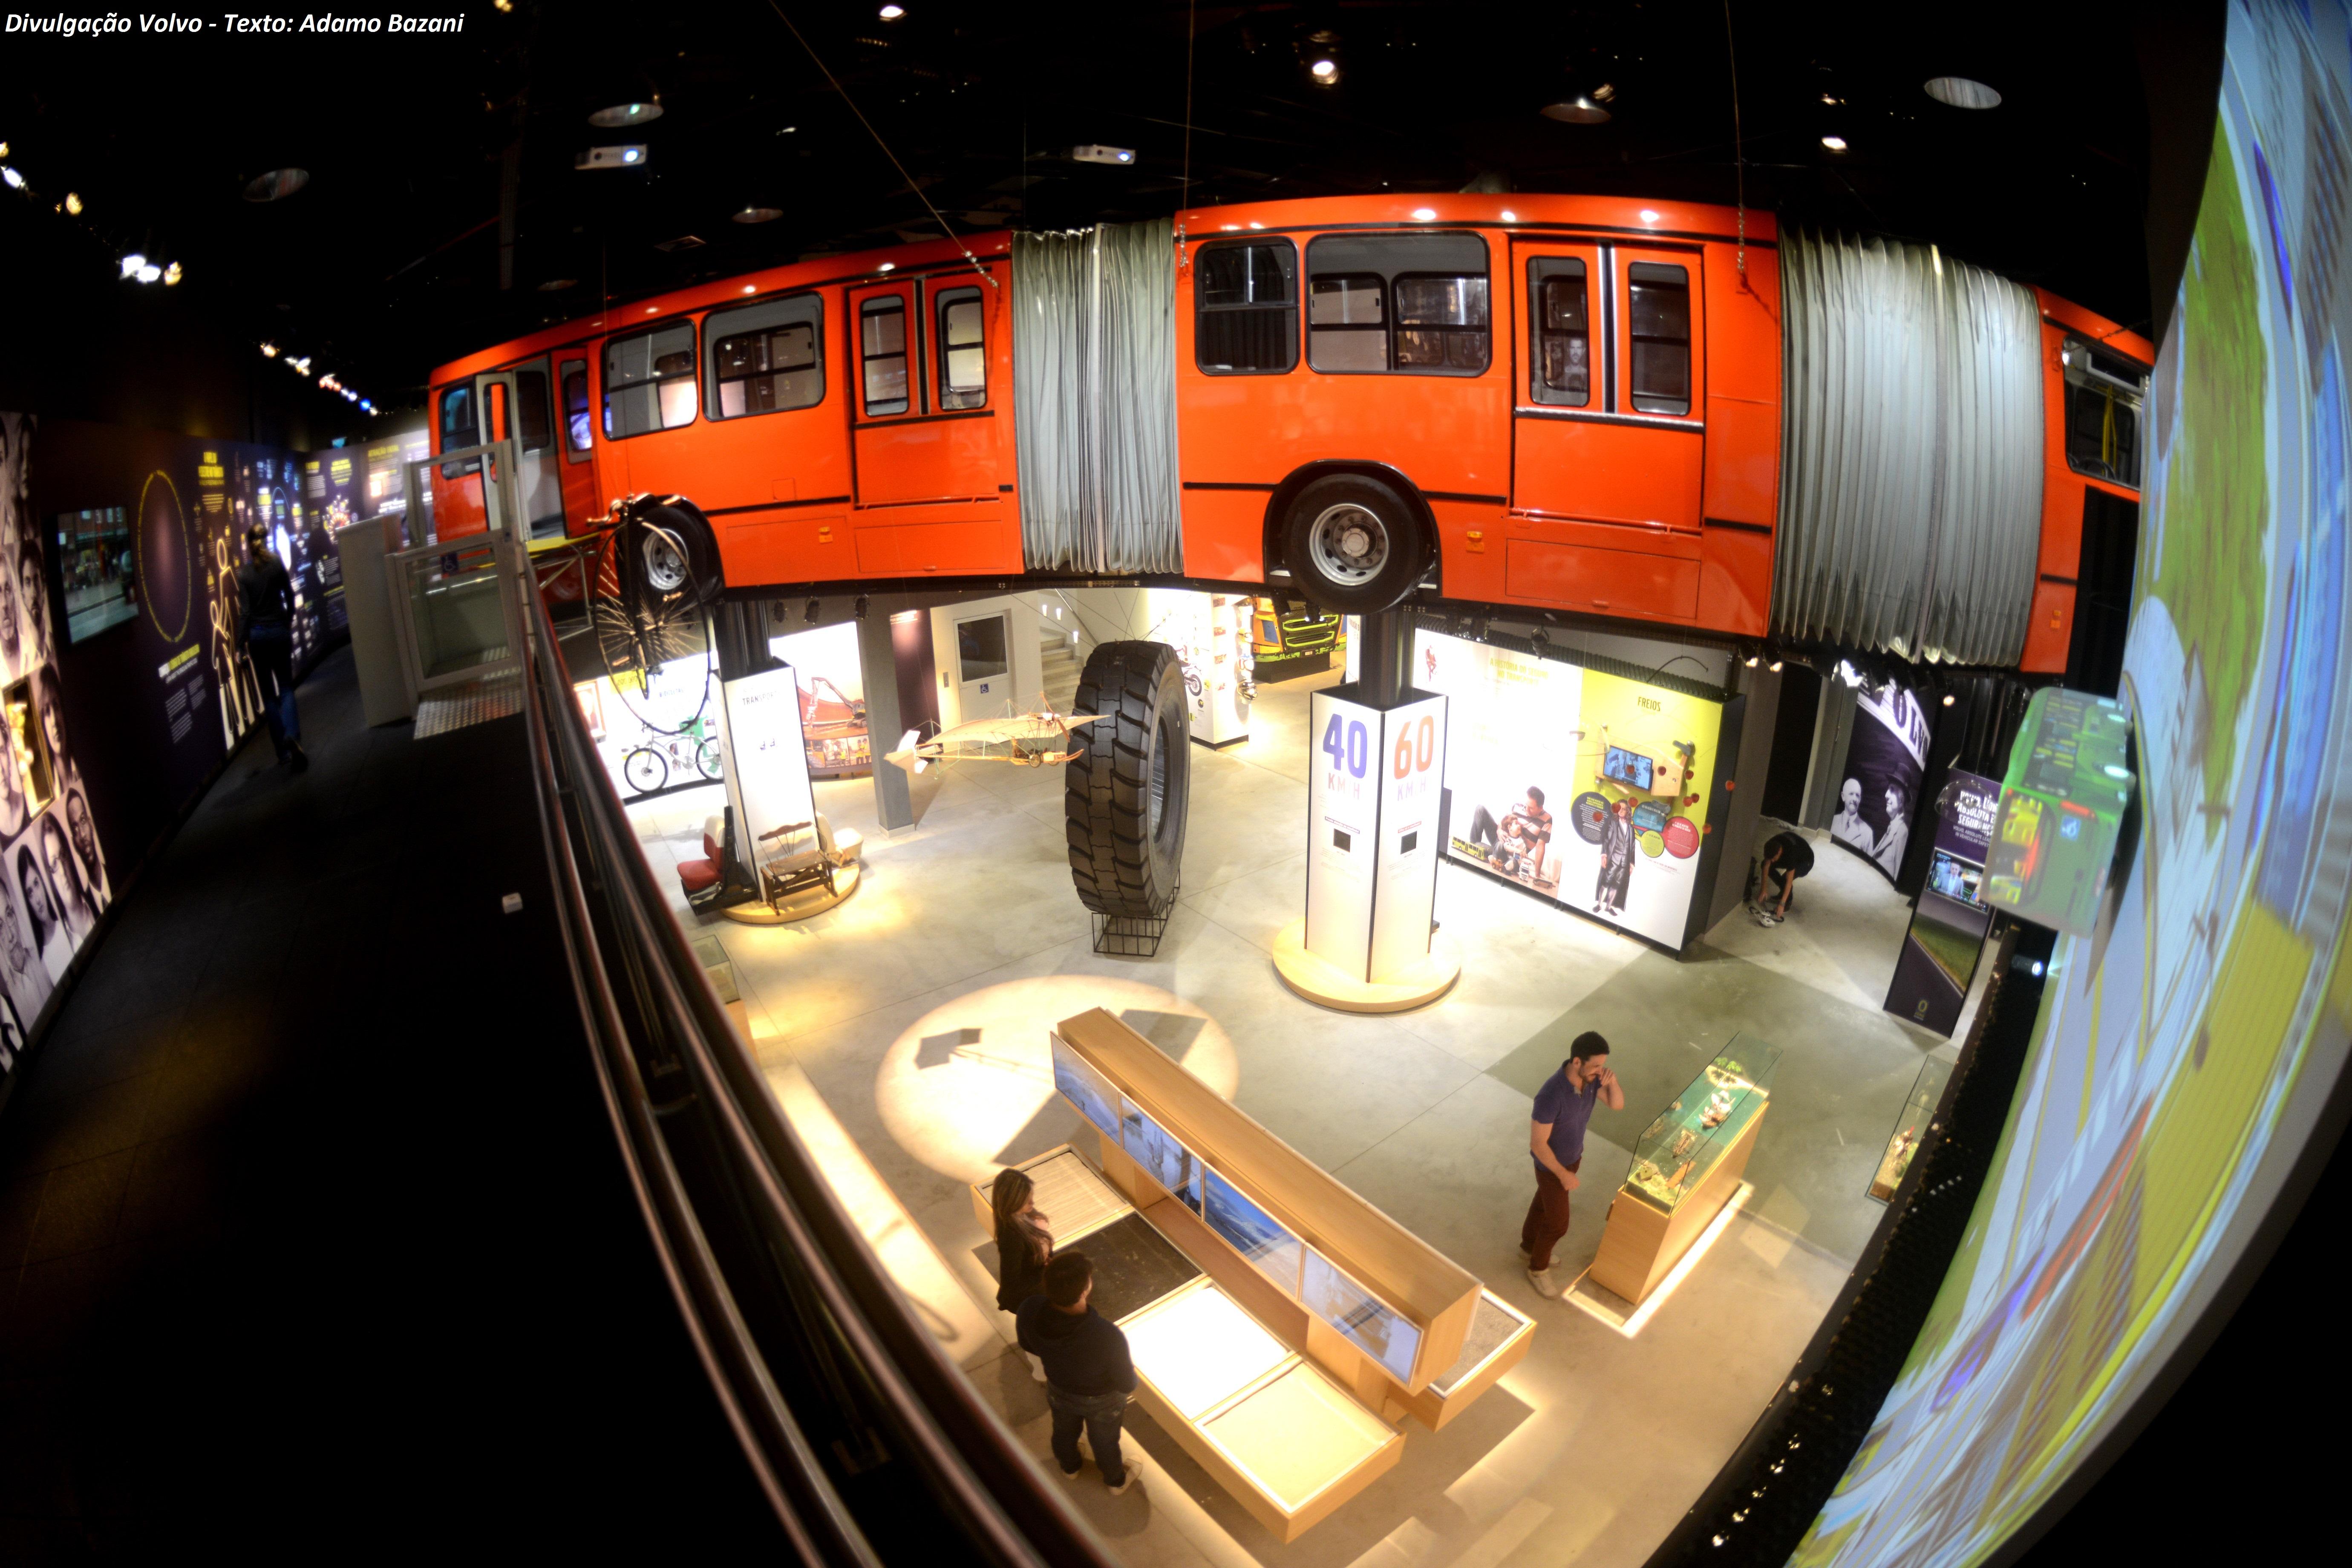 Ônibus biarticulado encravado na parede e suspenso permite a uma viagem pela segurança no transporte coletivo.